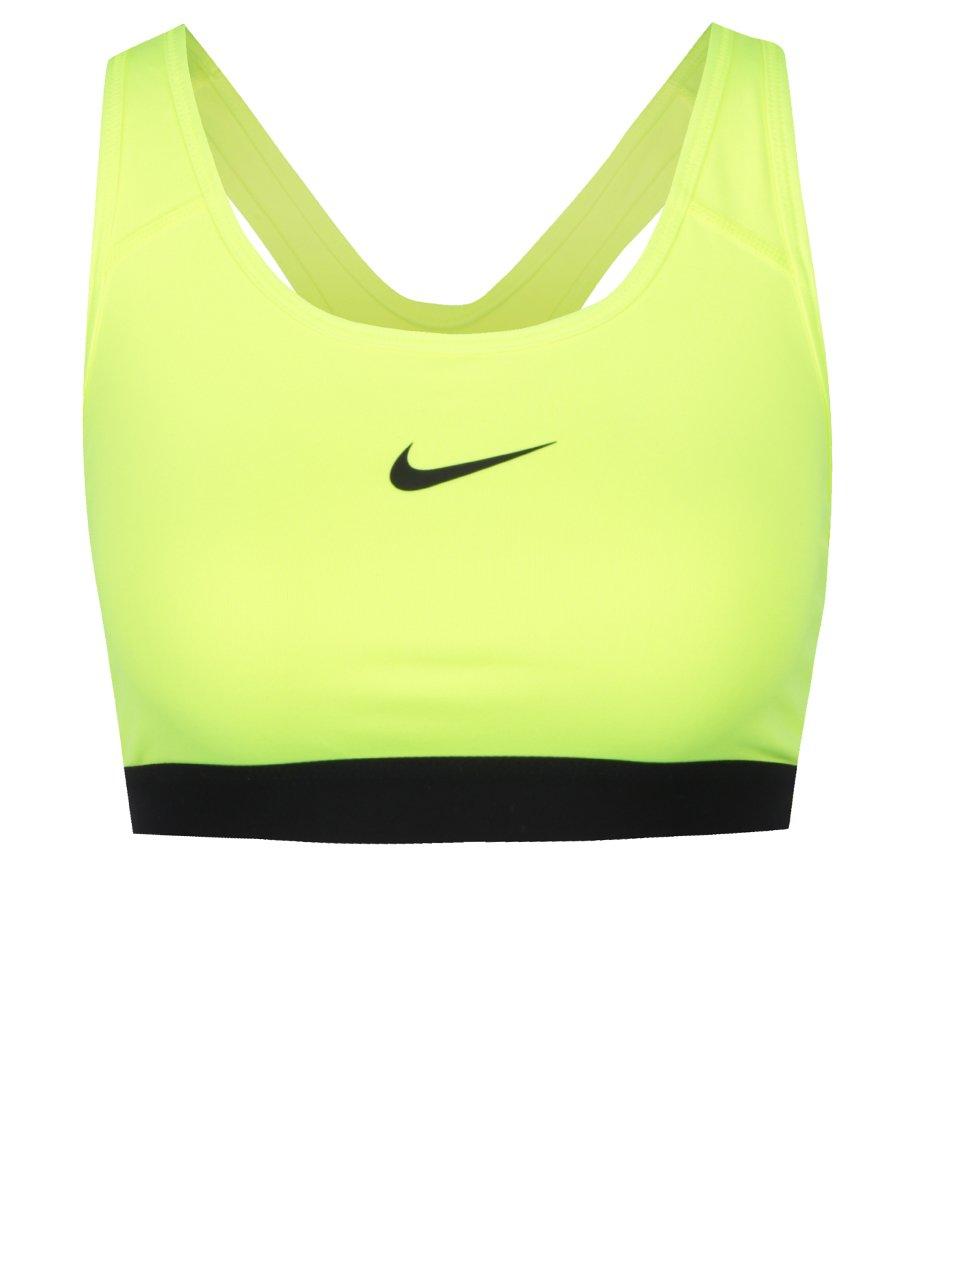 Žlutá neonová dámská sportovní podprsenka Nike Pro Classic